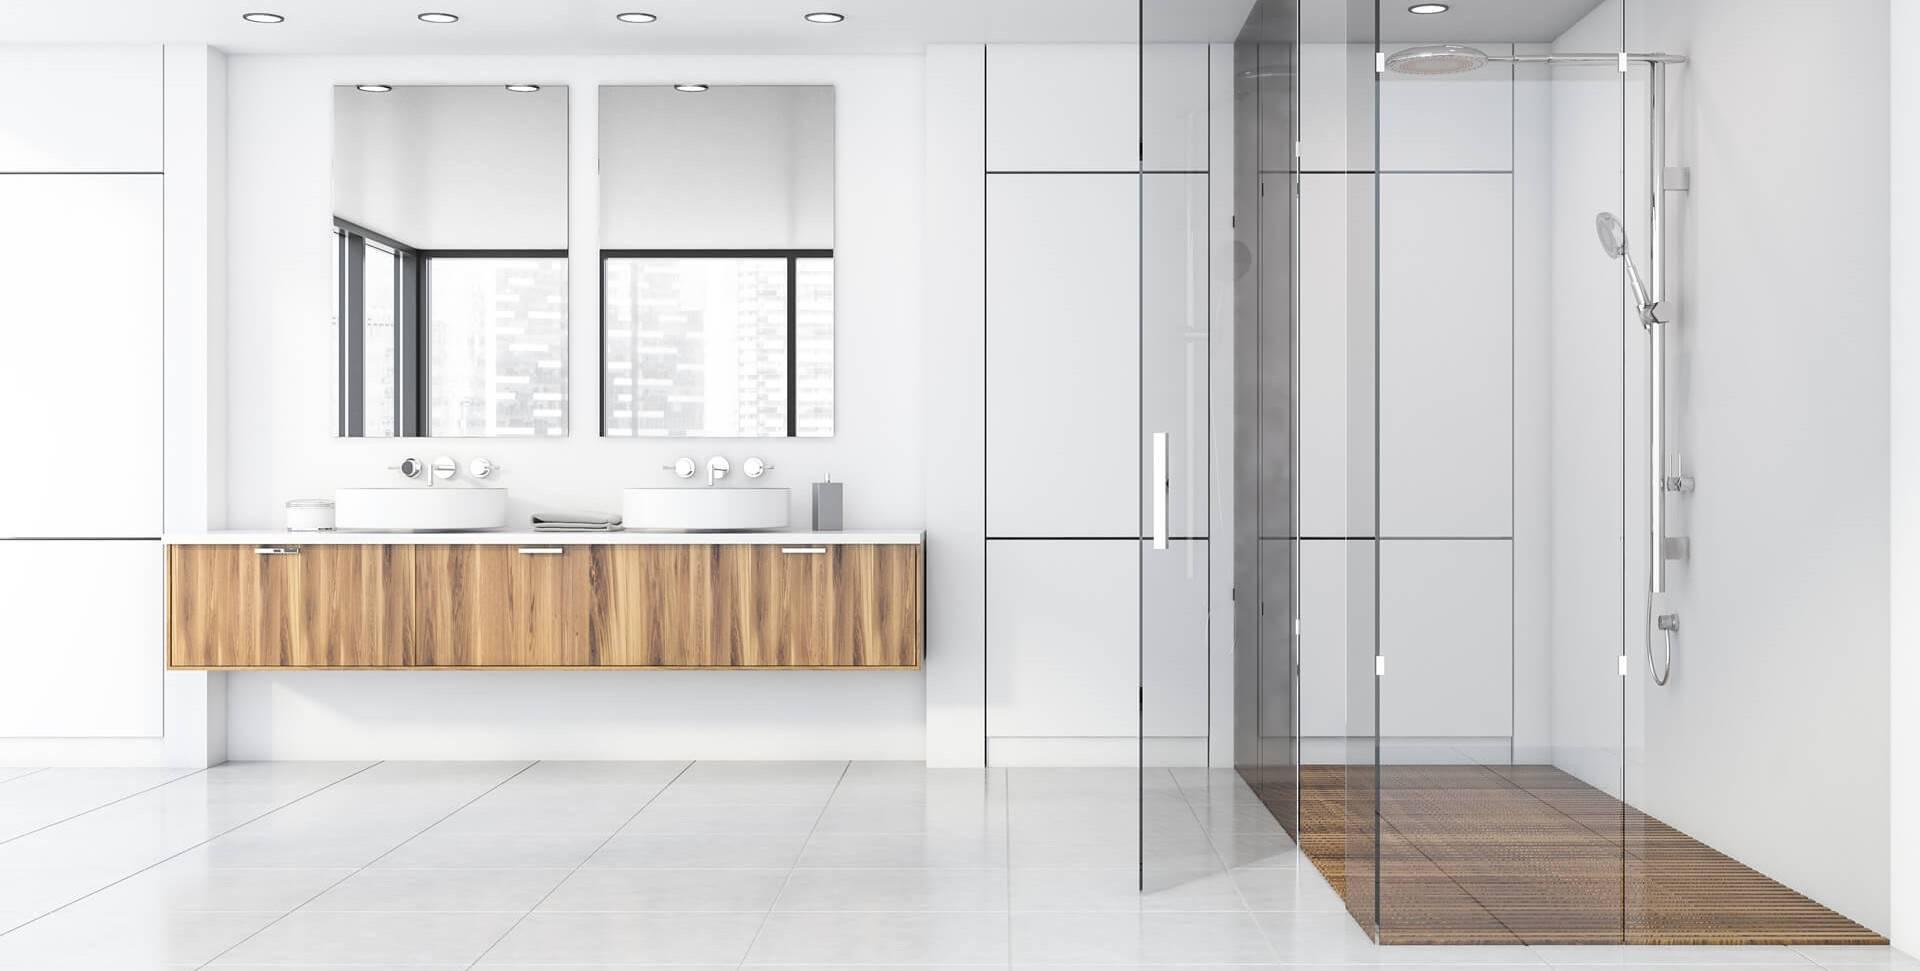 Full Size of Glasduschen Dusche Komplett Set Bluetooth Lautsprecher Ebenerdig Duschen Kaufen Mischbatterie Eckeinstieg Hüppe Kleine Bäder Mit Haltegriff Sprinz Begehbare Dusche Glaswand Dusche